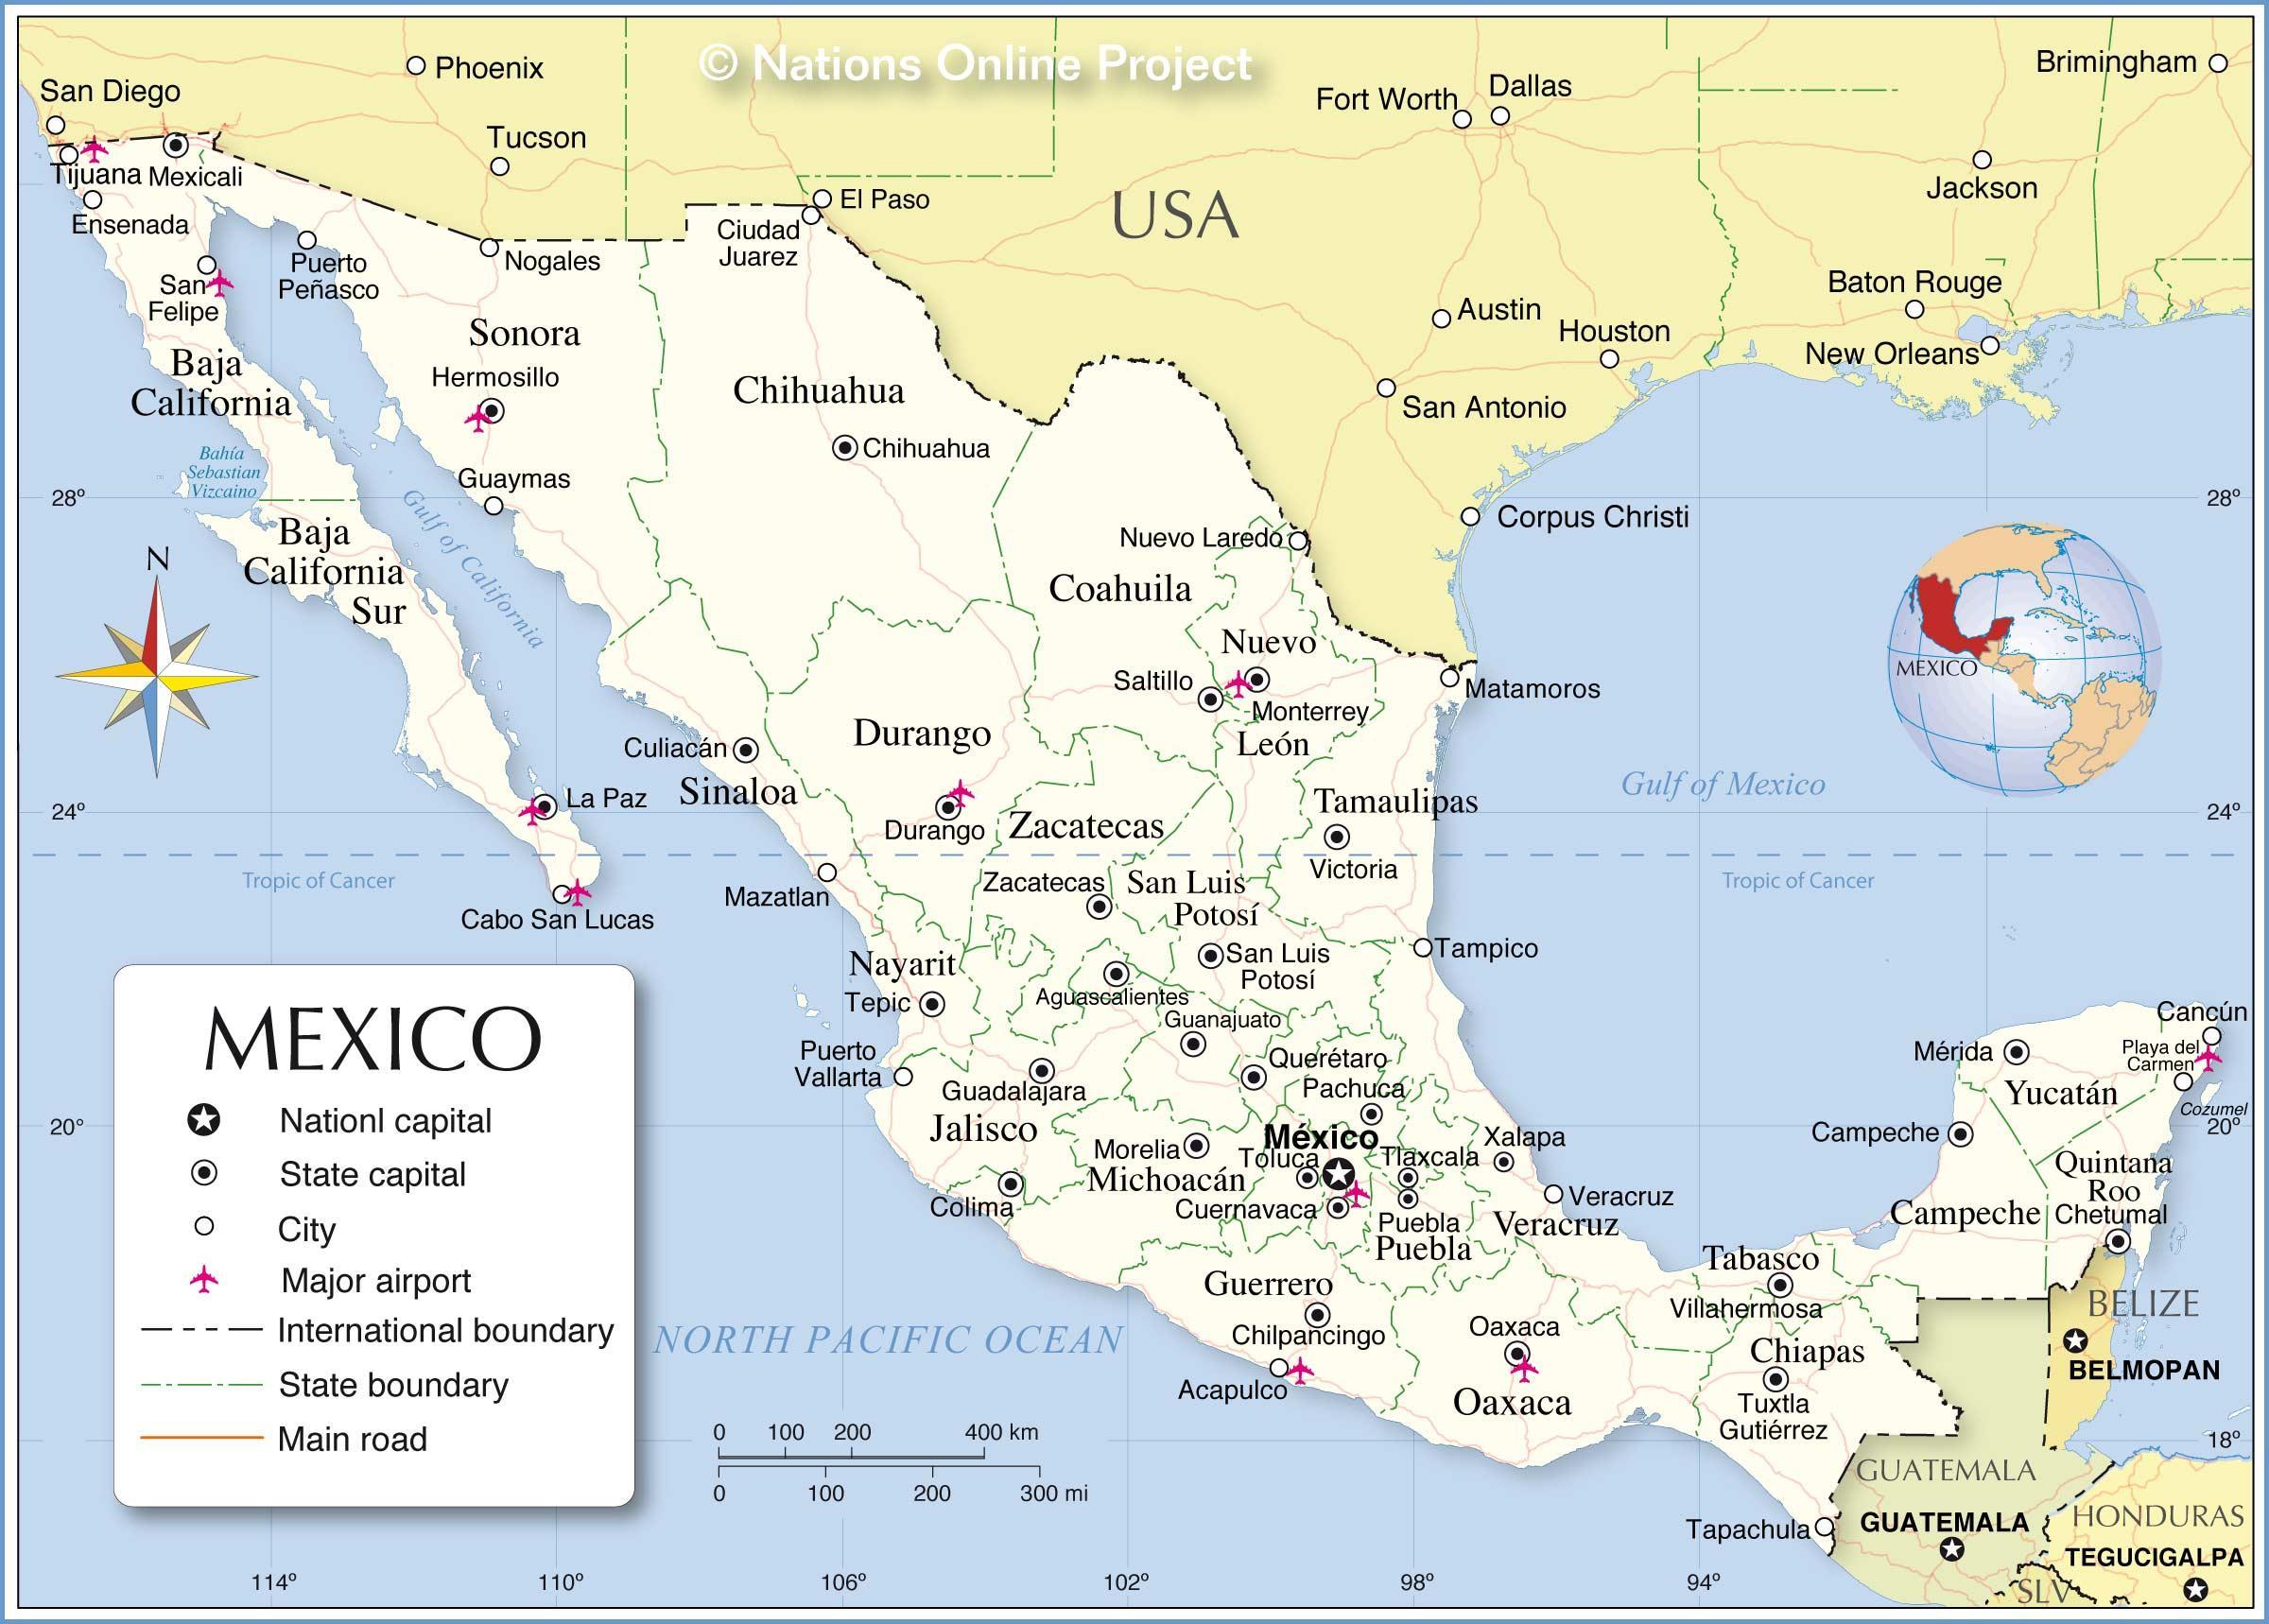 Fronteira méxico mapa - Fronteira de México mapa (América Central ...